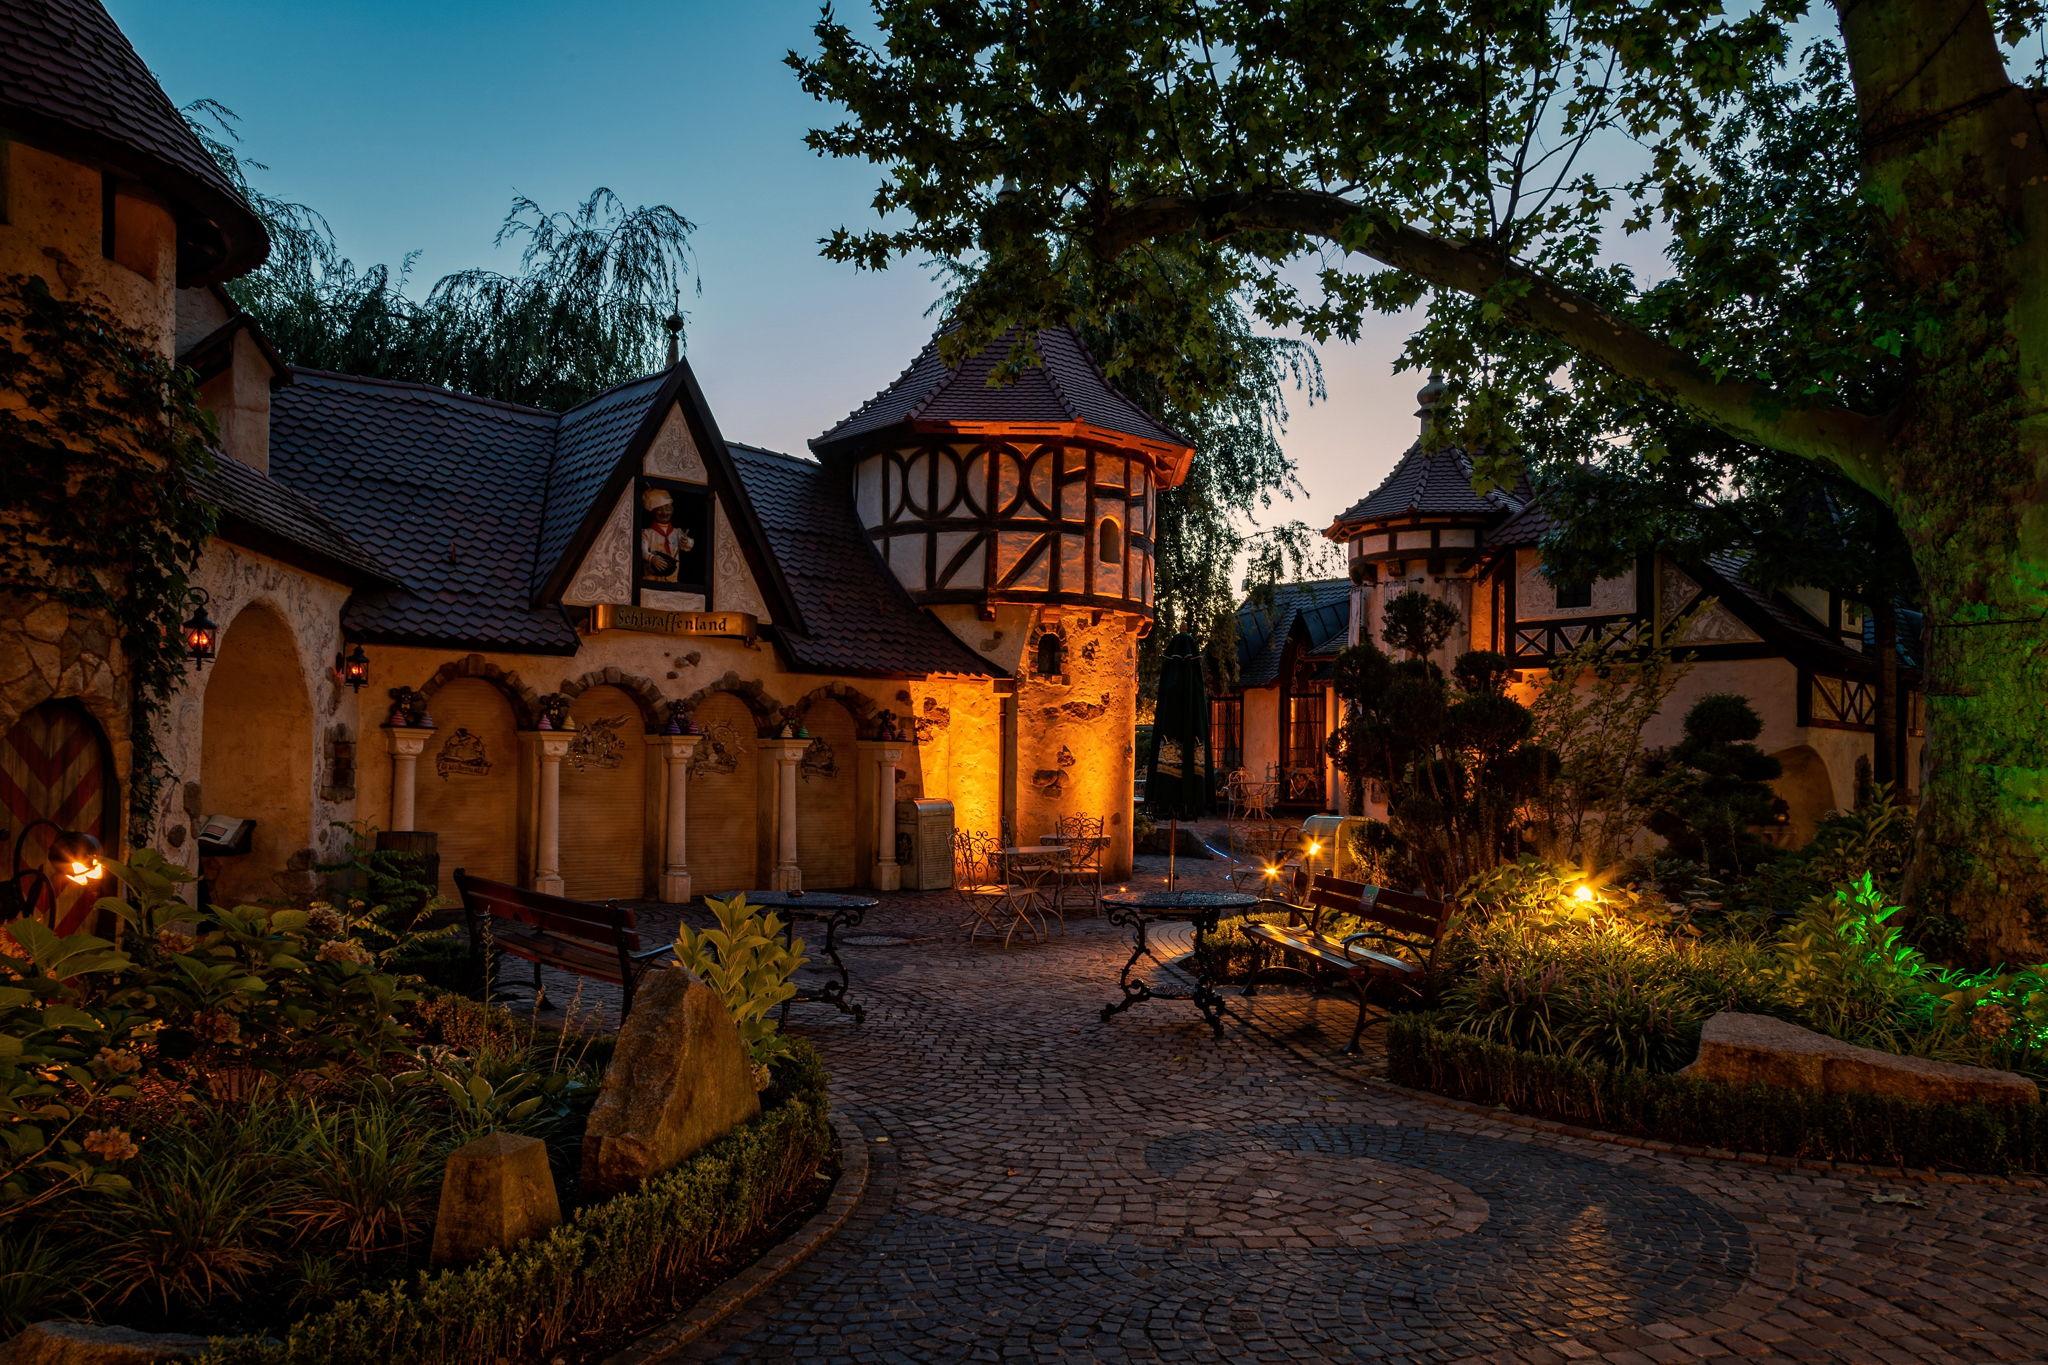 Länderreise in nur einer Nacht im Europa-Park in Rust